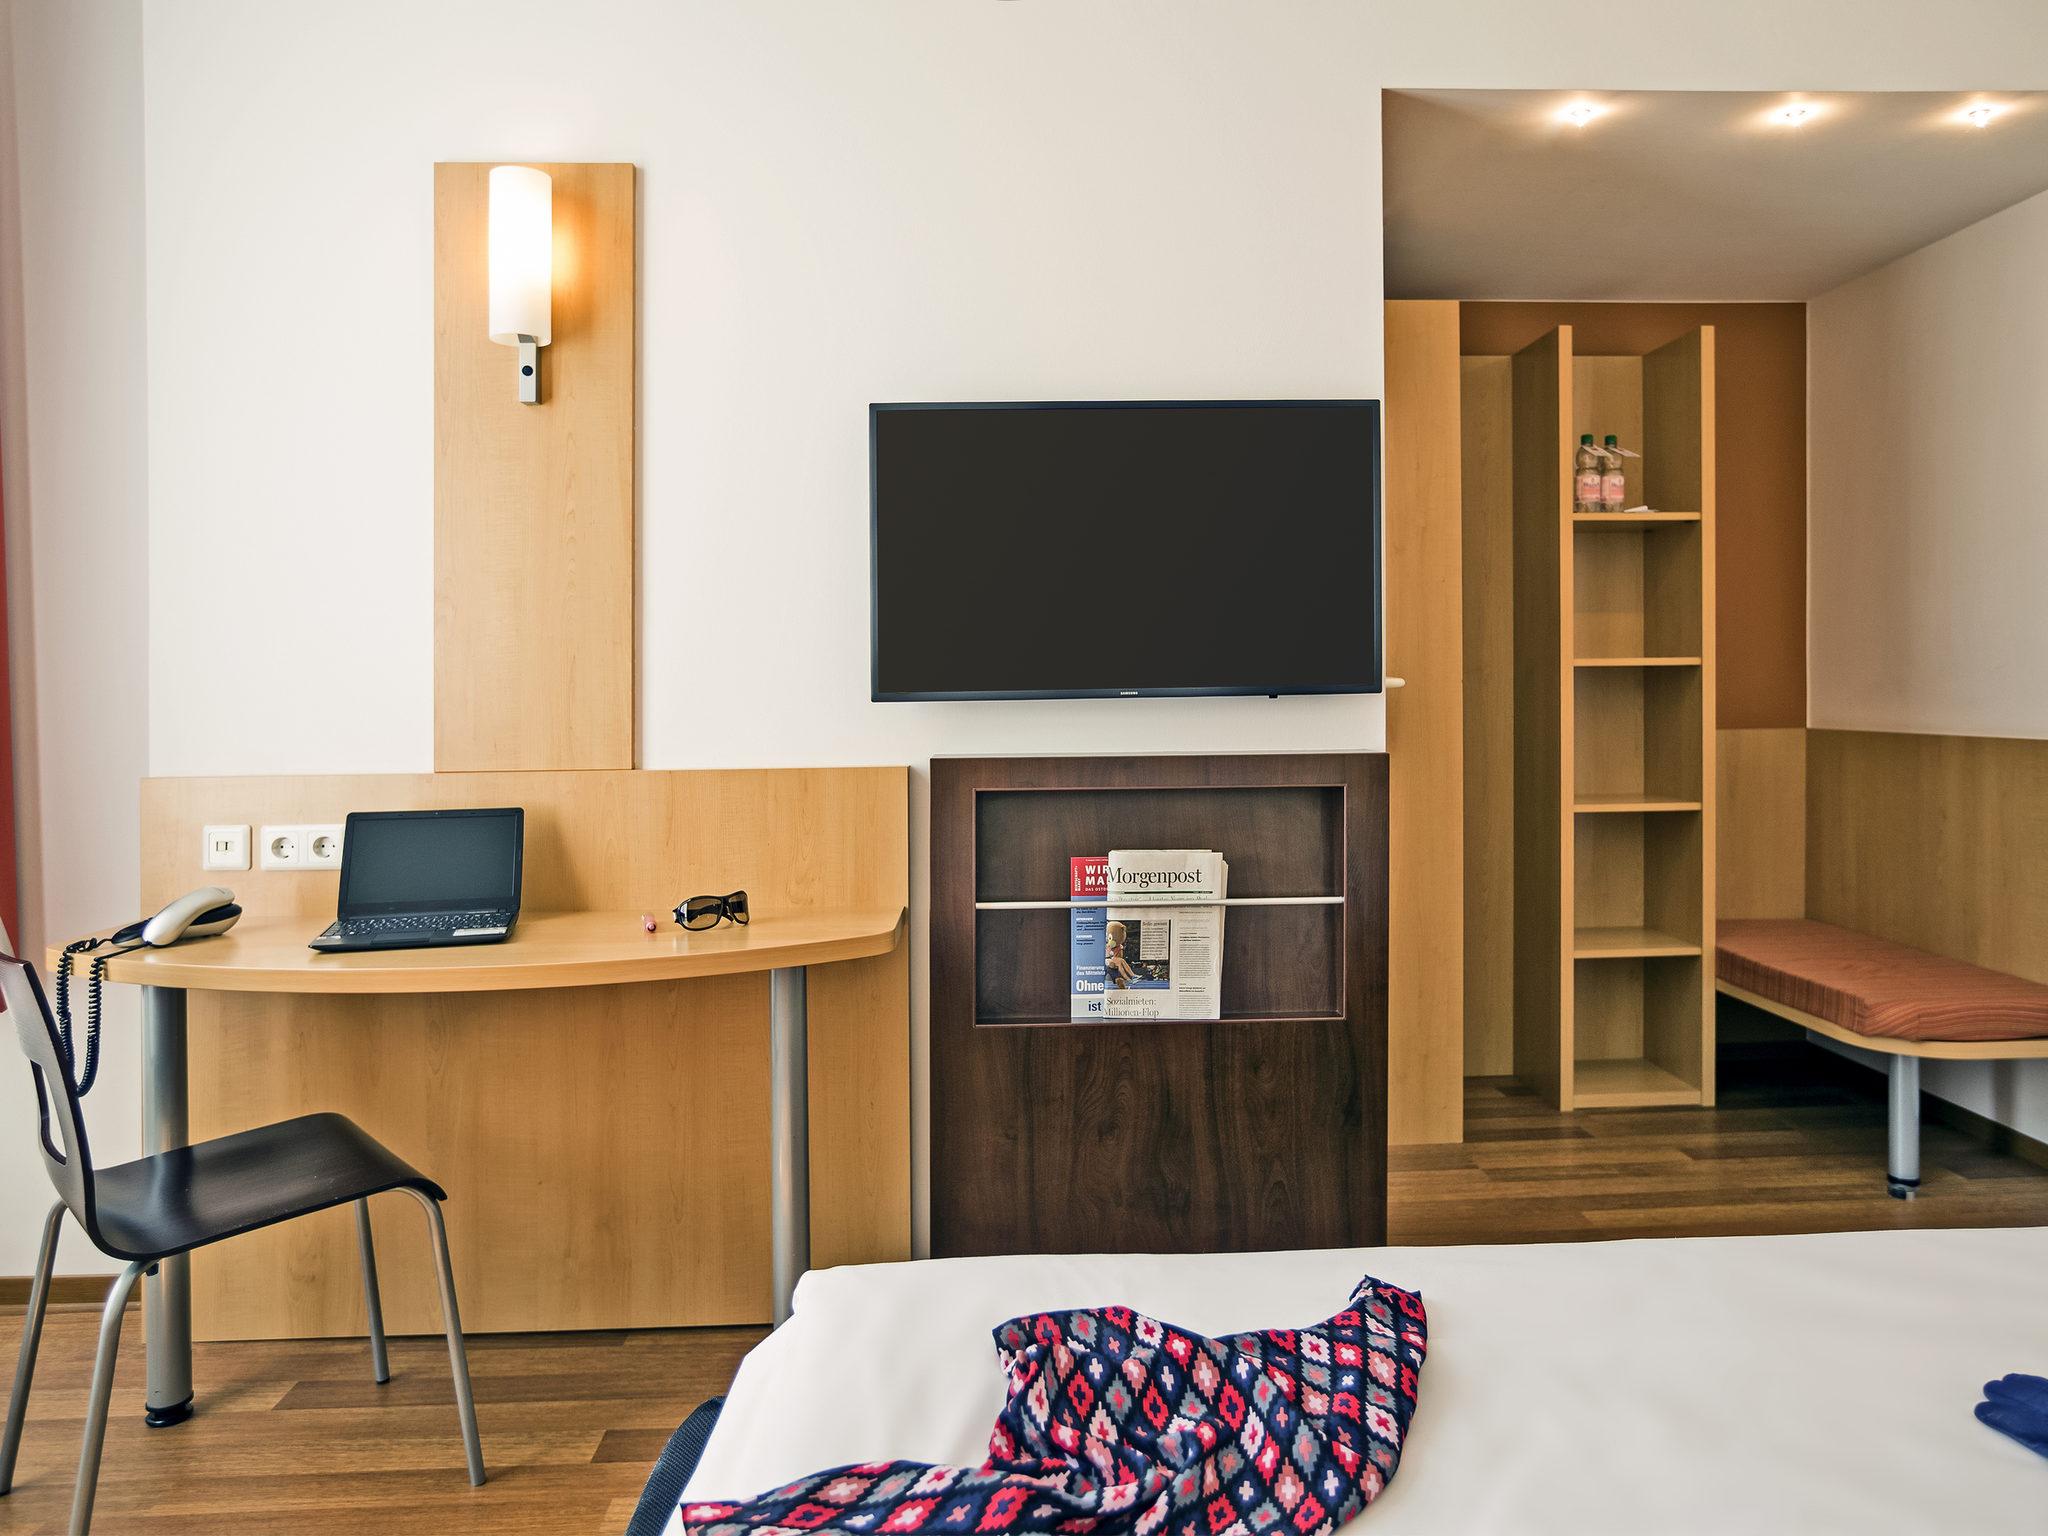 Hotel ibis berlin neukoelln